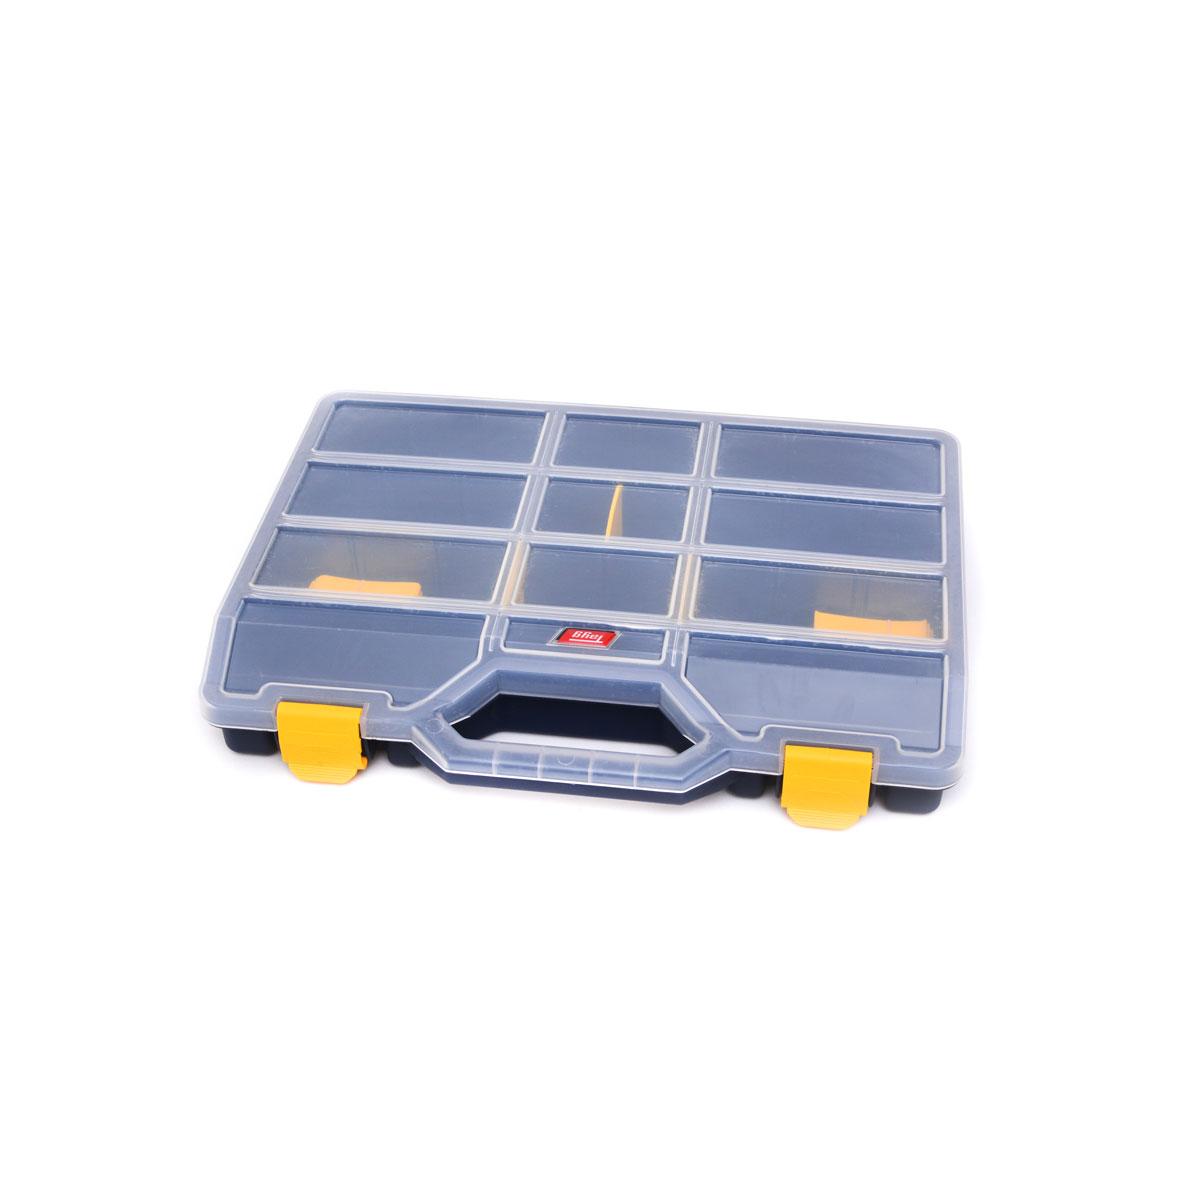 جعبه ابزار الکتریکی تایگ مدل۲۶-۴۶ (۳)